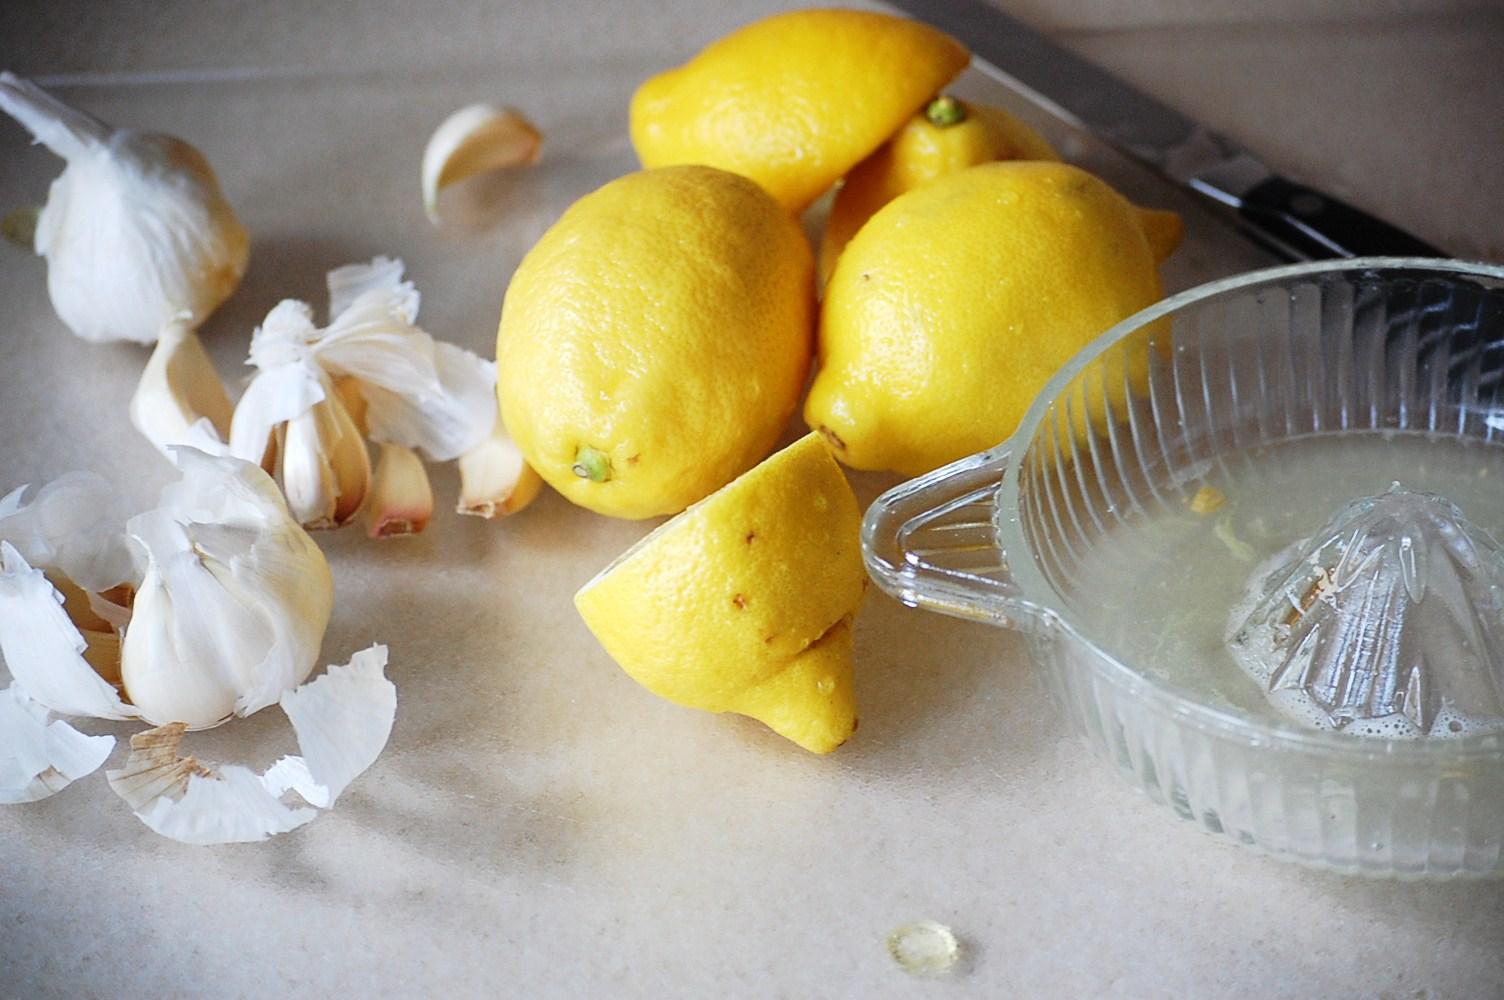 Cura de lămâie și usturoi pentru detoxifierea organismului - BodyGeek